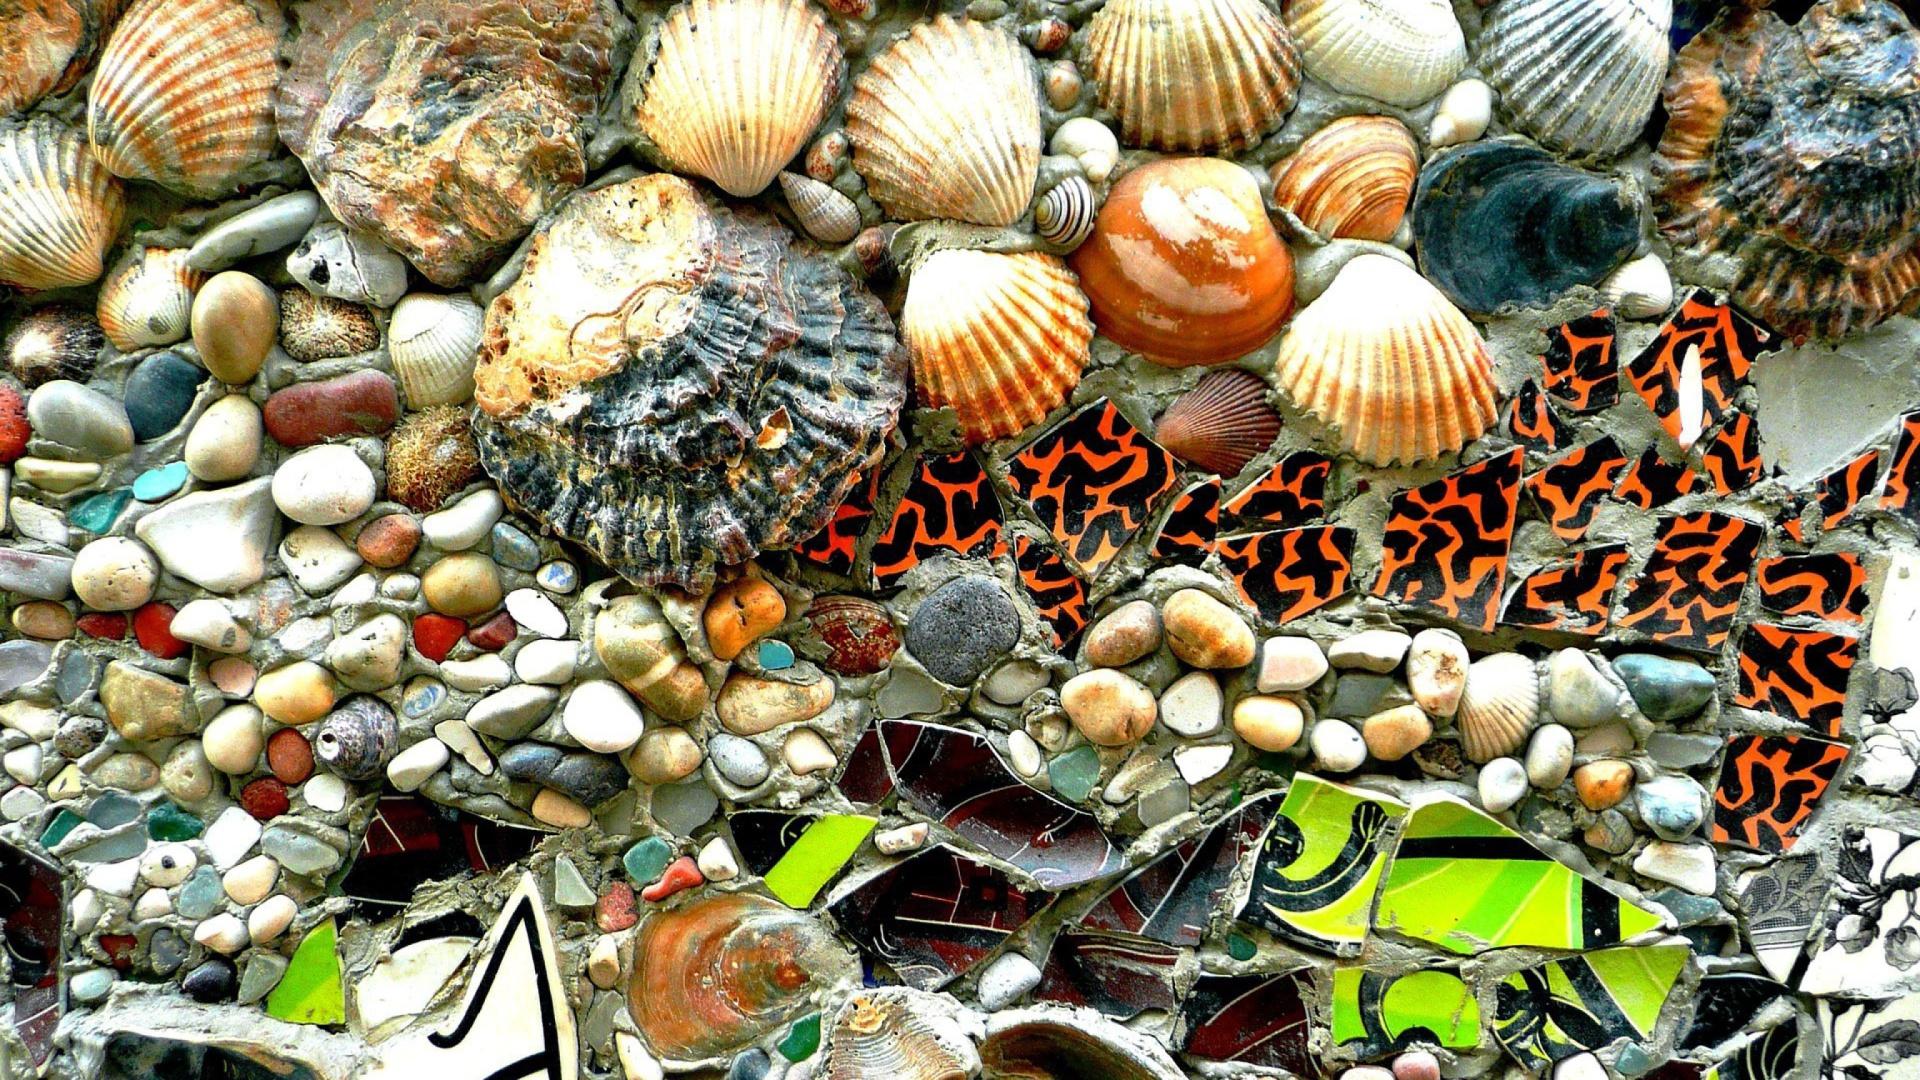 Ihot Wallons Download Ipad Wallpaper Beach Pebbles Autumn: Shells And Pebbles Sfondi Gratuiti Per Desktop 1920x1080